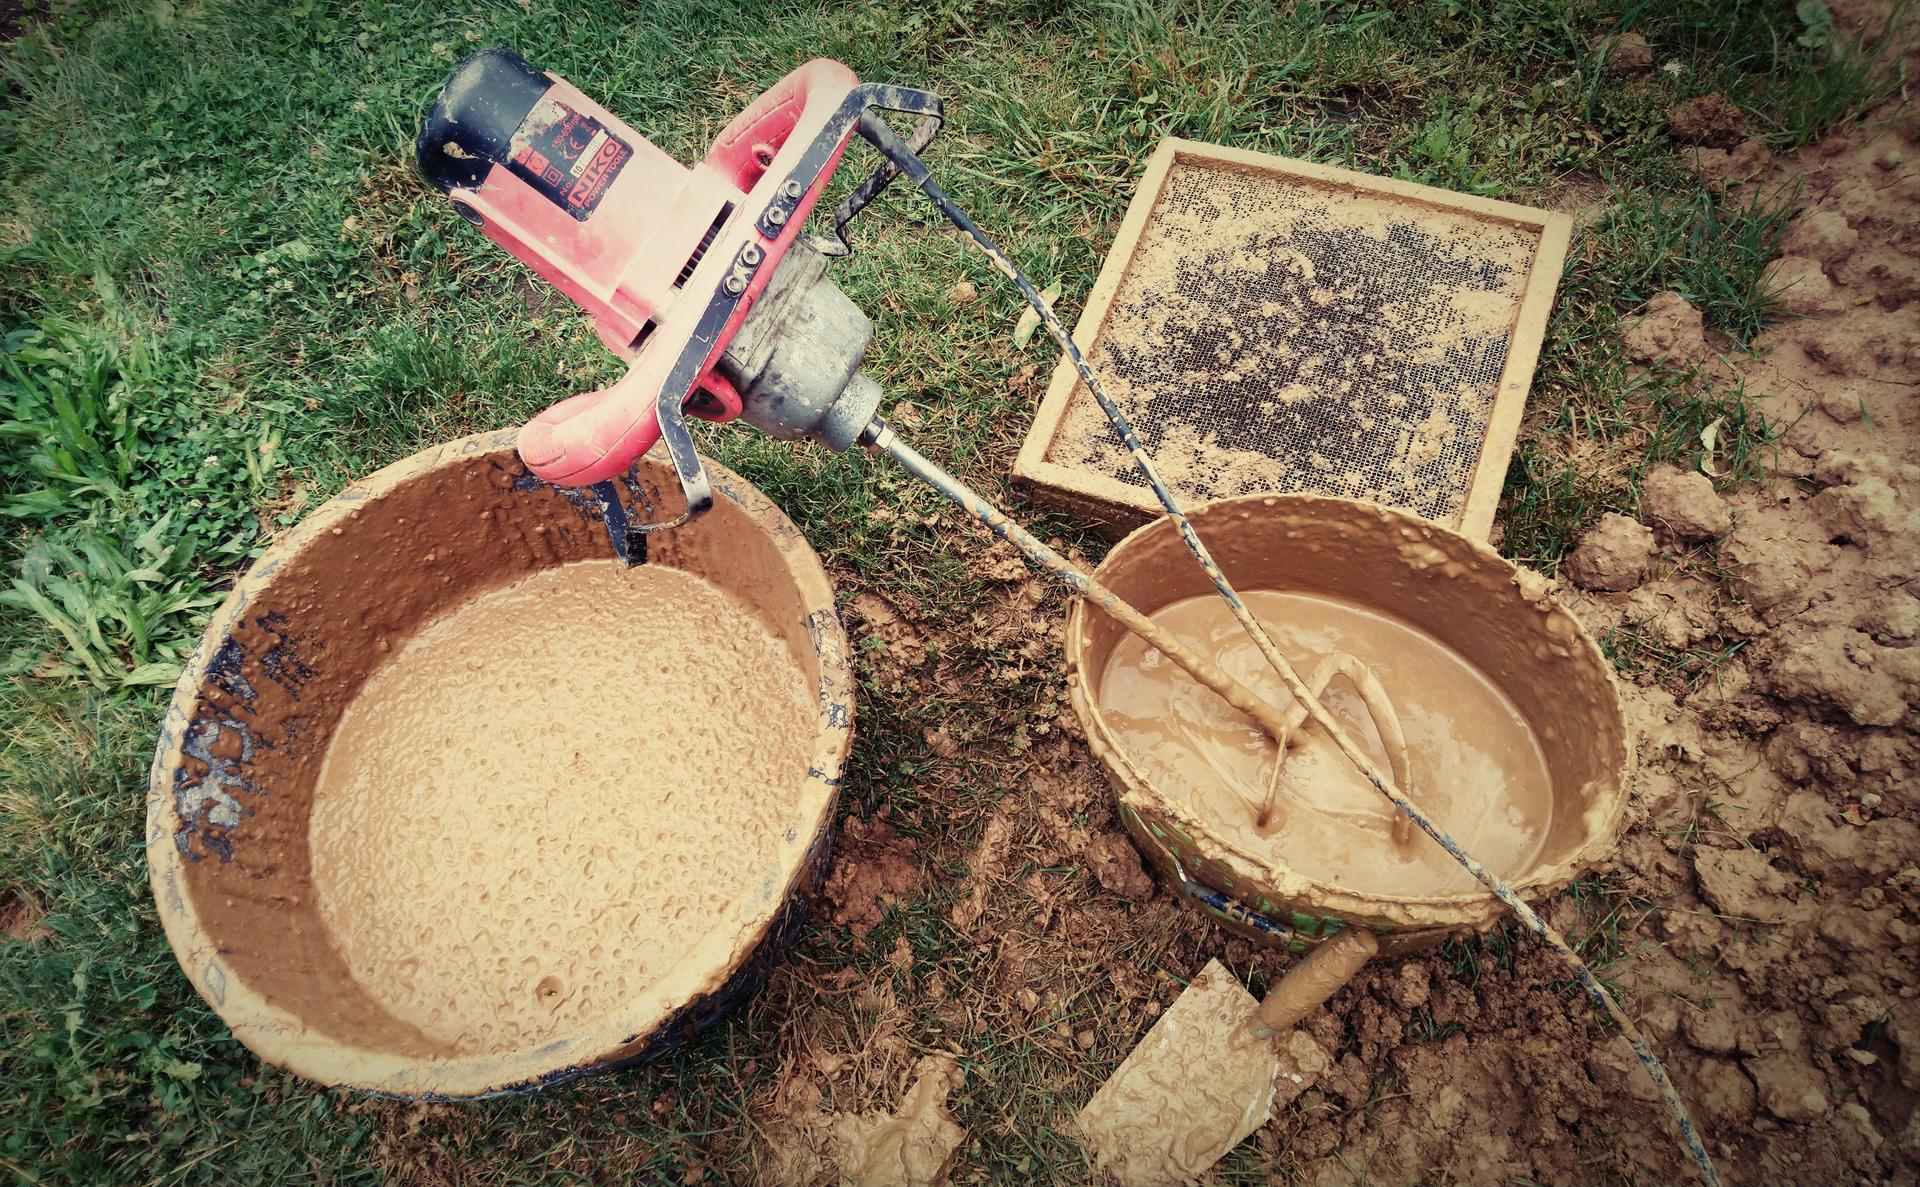 Hlinené omietky - Príprava hliny. Ideálne je nechať hlinu premrznúť cez zimu, ale nie vždy má človek toľko času. Hlina sa rozmieša s vodou na kašu, ktorá sa potom precedí cez sito aby sa odstránili kamene a nerozmiešané hrudy hliny.